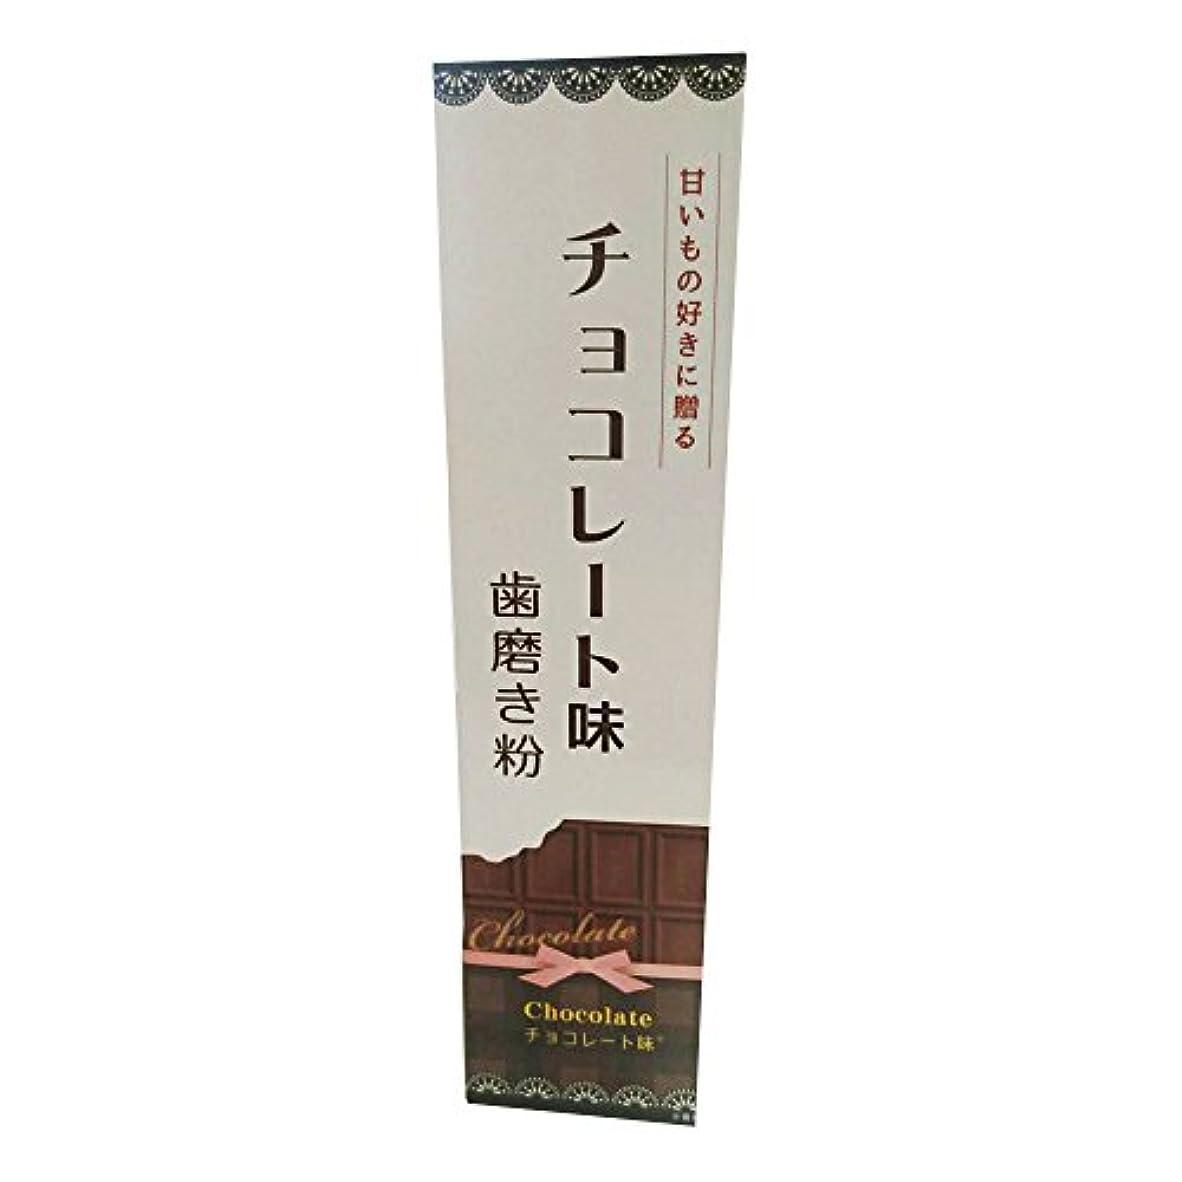 取り替える重くする筋肉のフレーバー歯磨き粉チョコレート味 70g